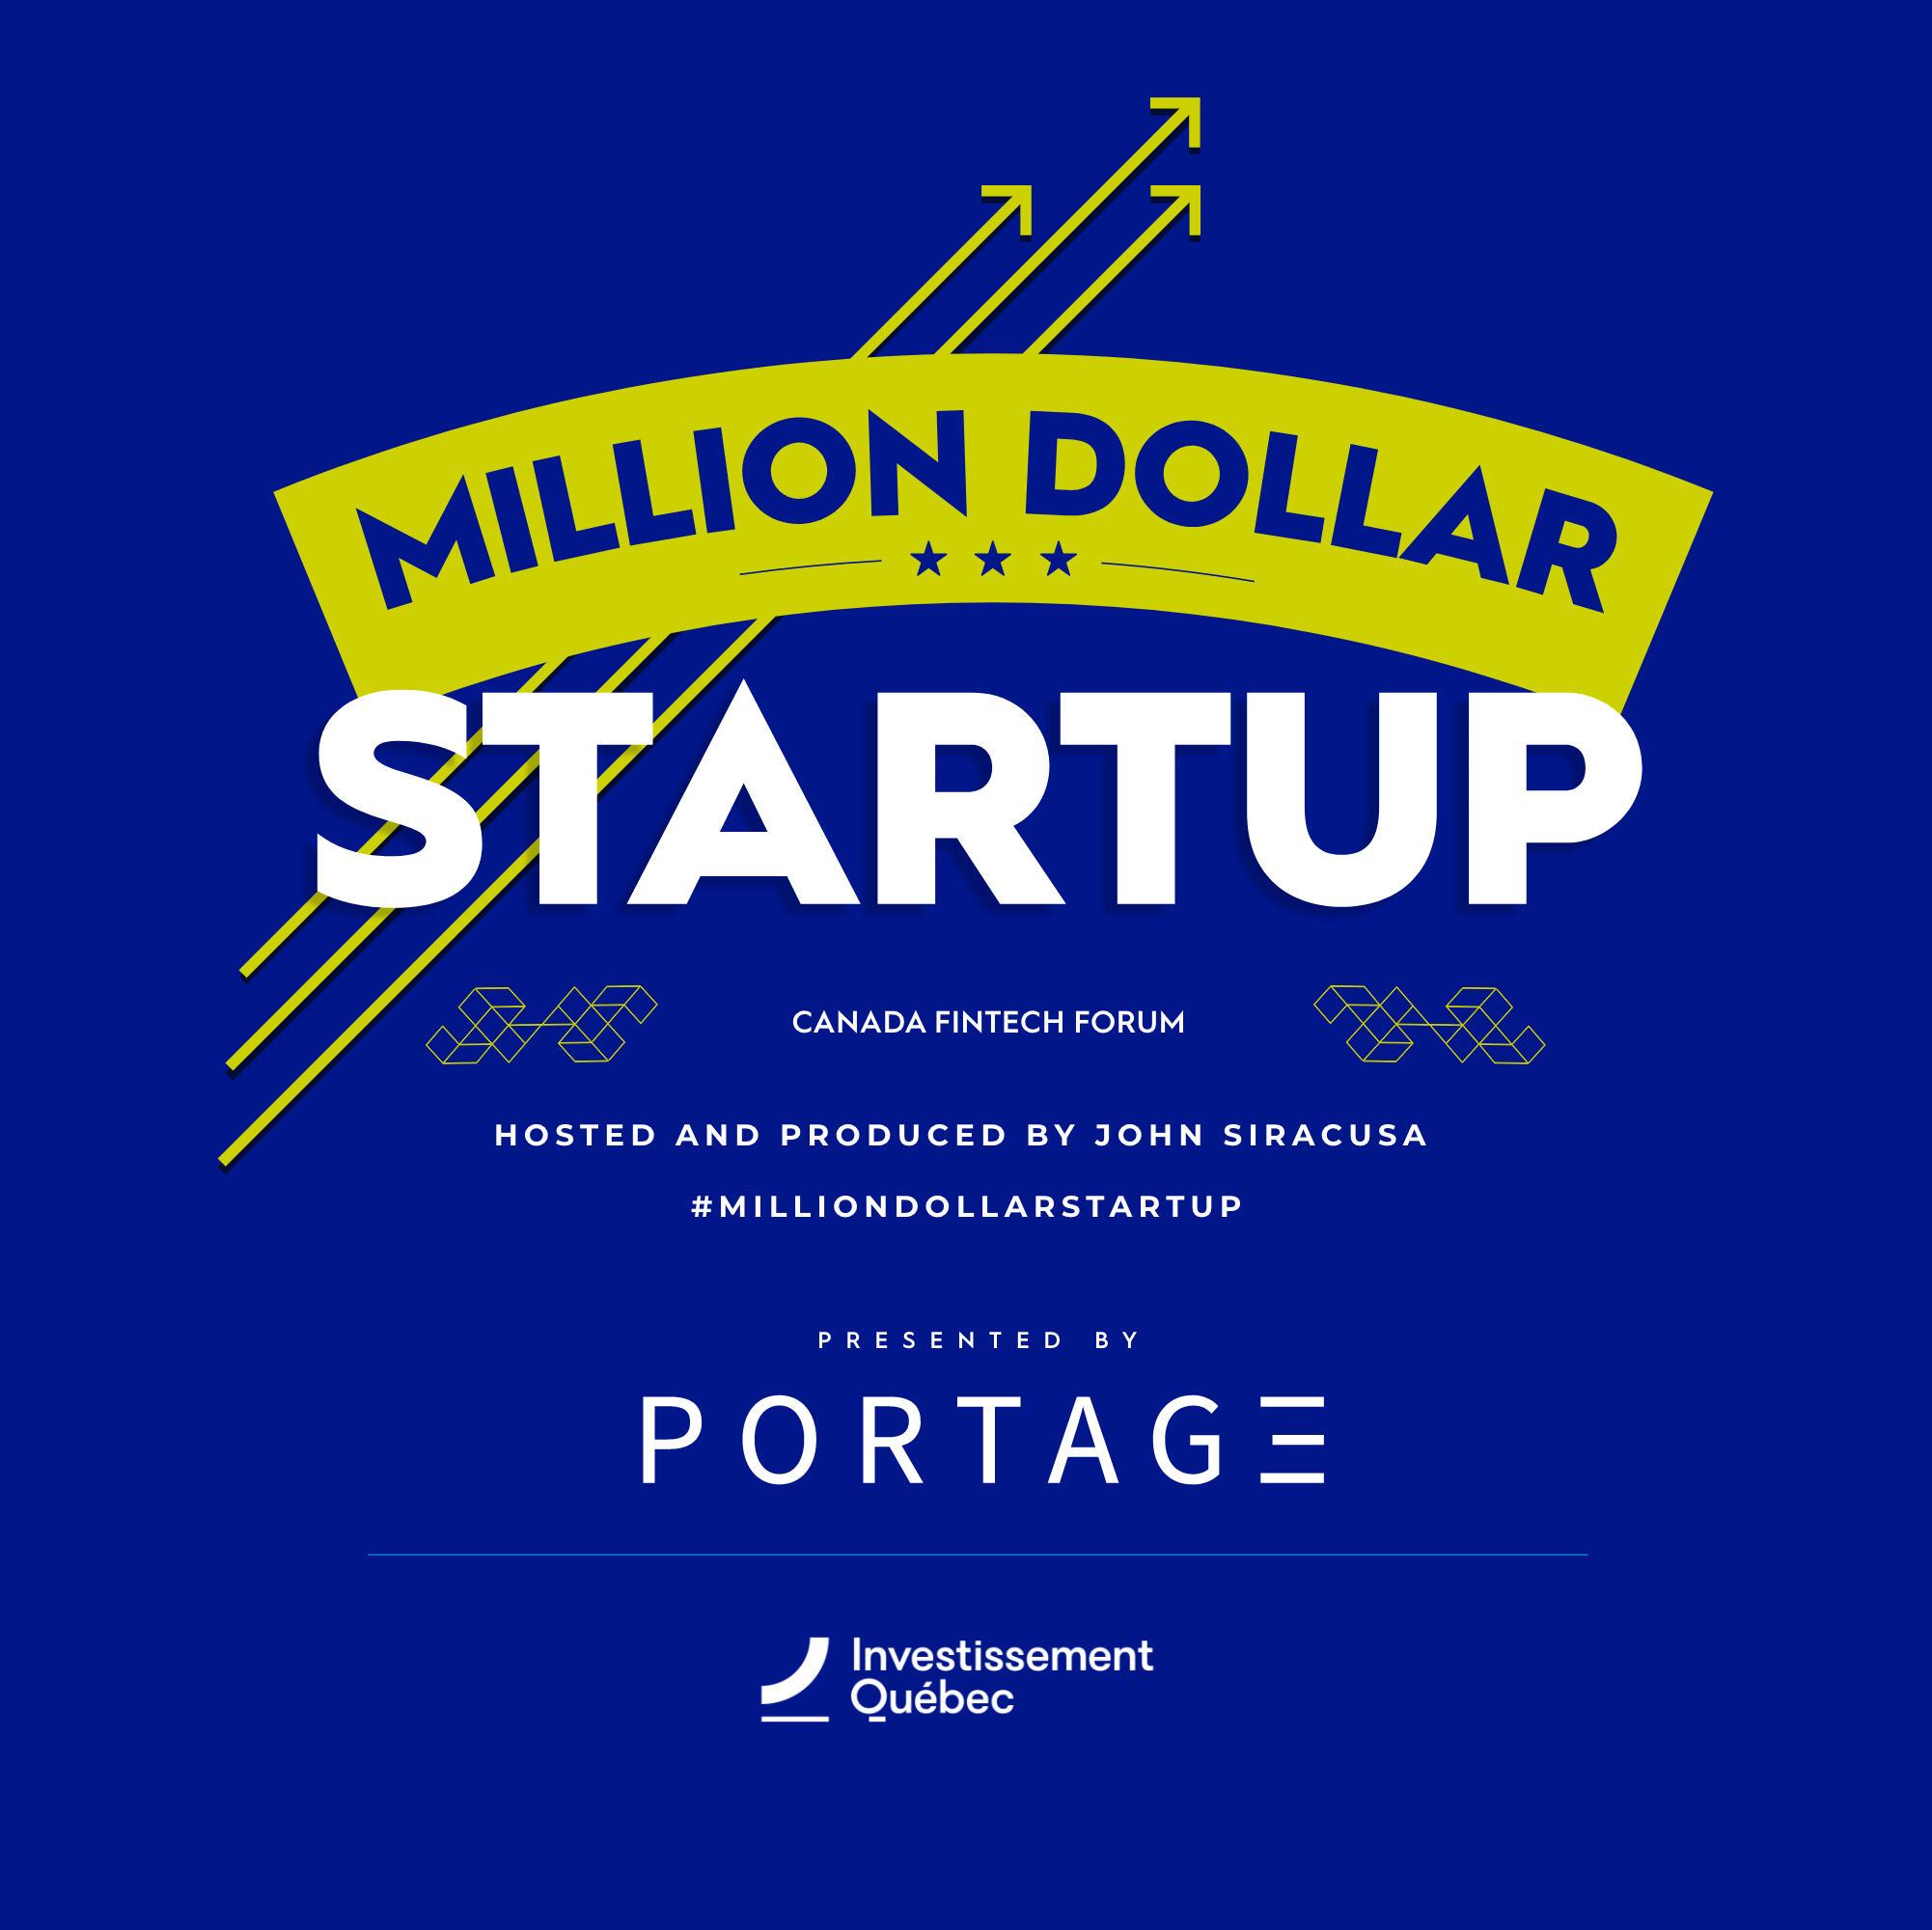 Million Dollar Startup